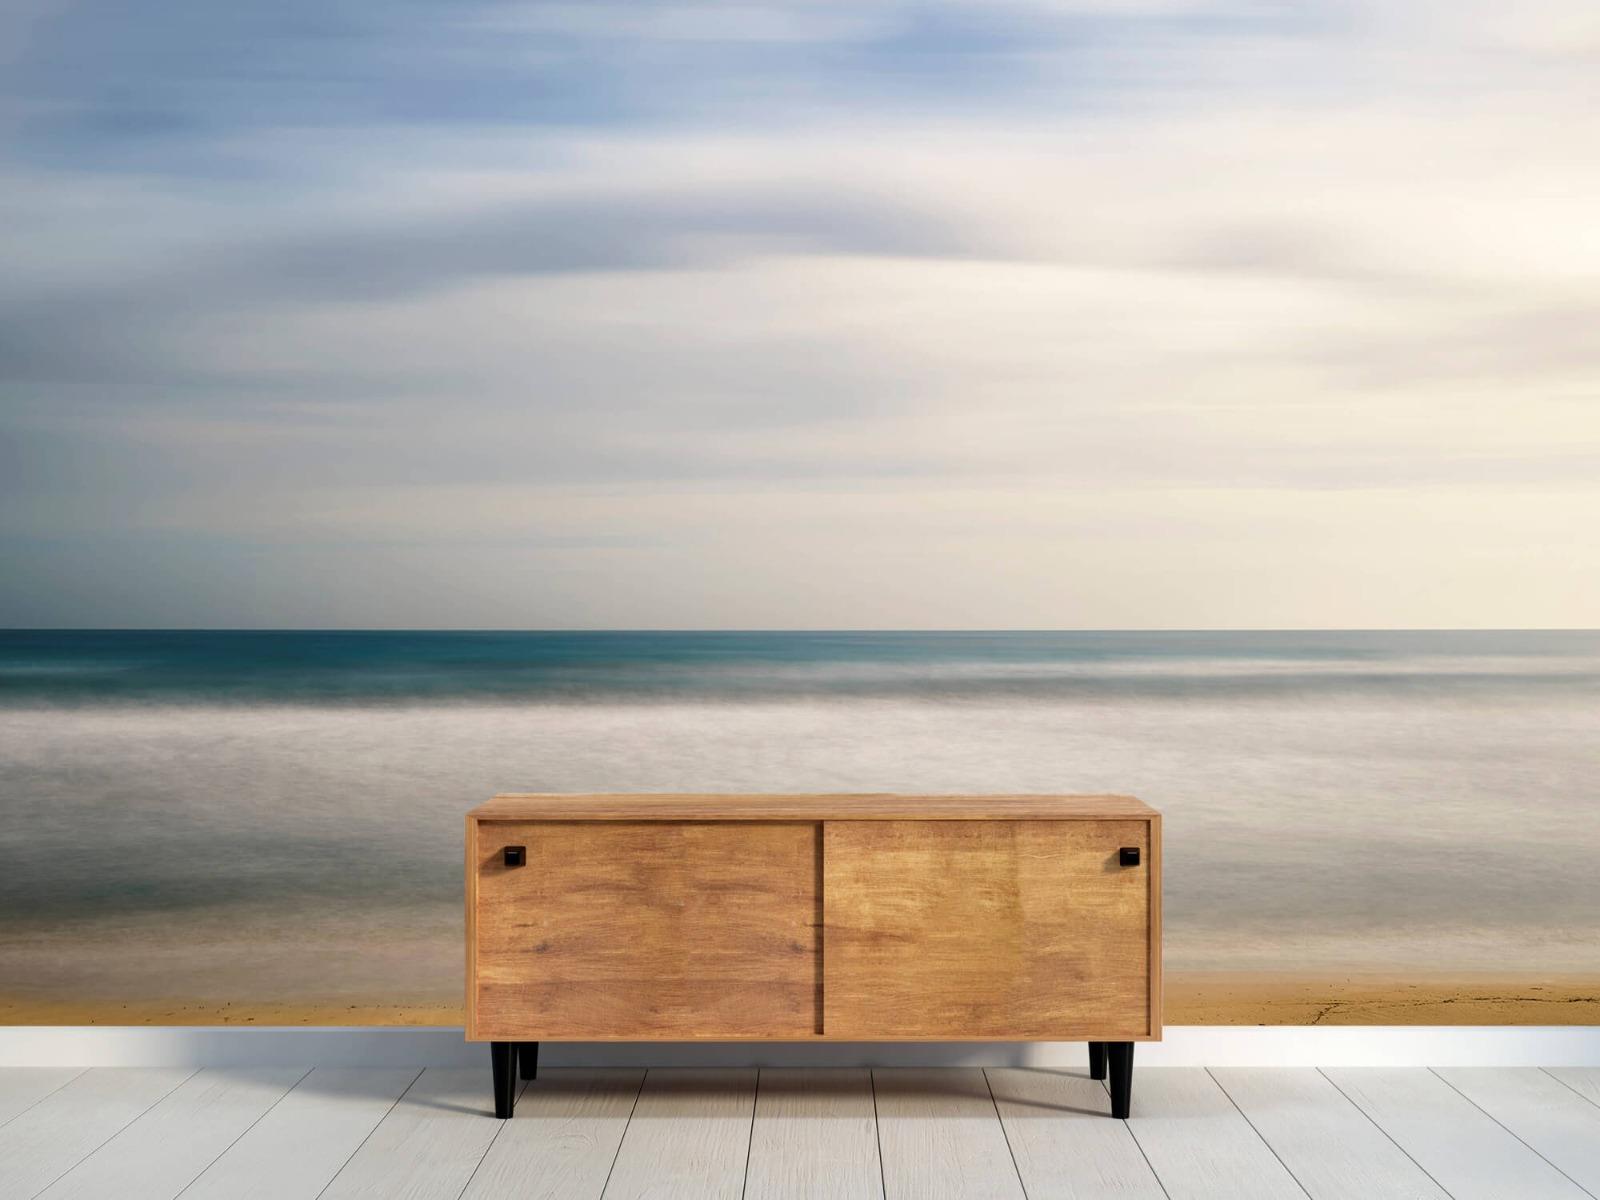 Zeeën en Oceanen - Open zee - Slaapkamer 10